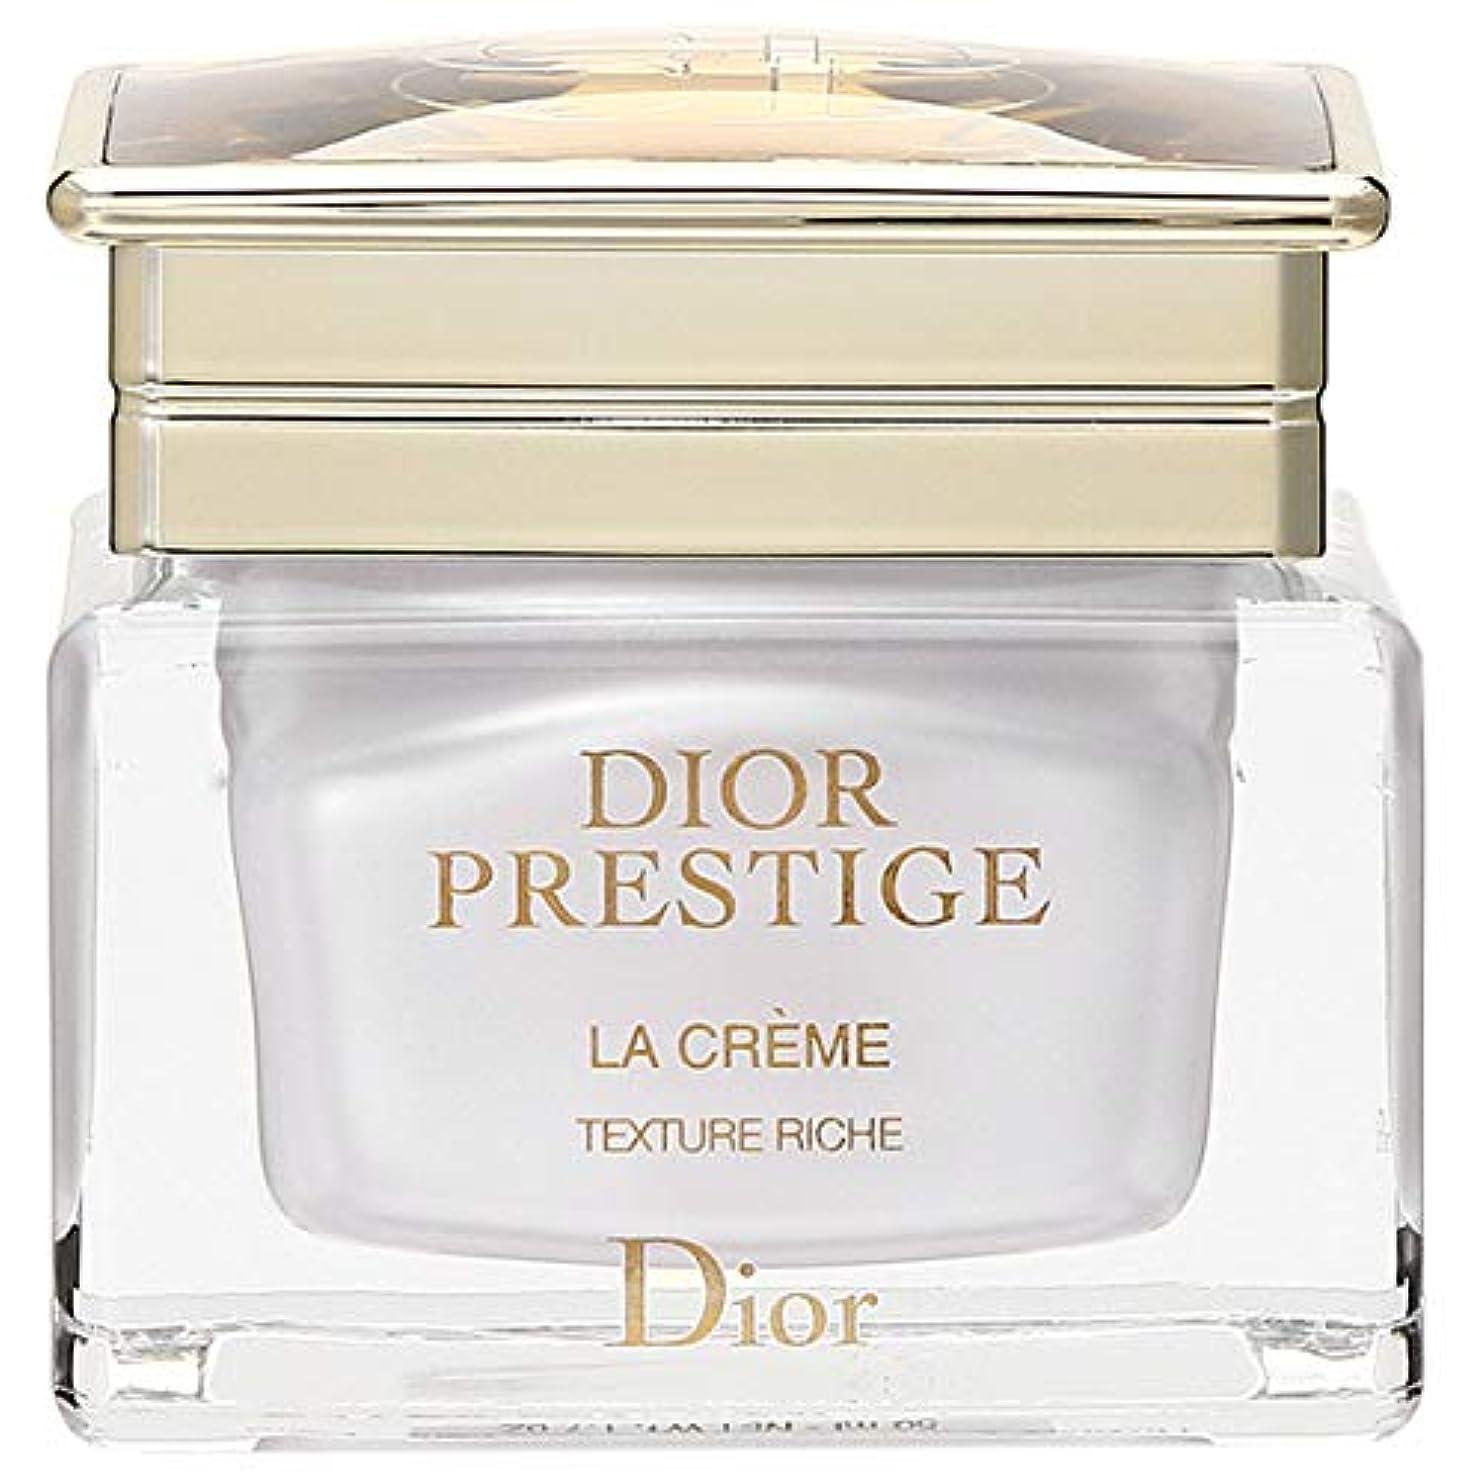 大工地中海準備クリスチャンディオール Christian Dior プレステージ ラ クリーム リッシュ 50mL [並行輸入品]